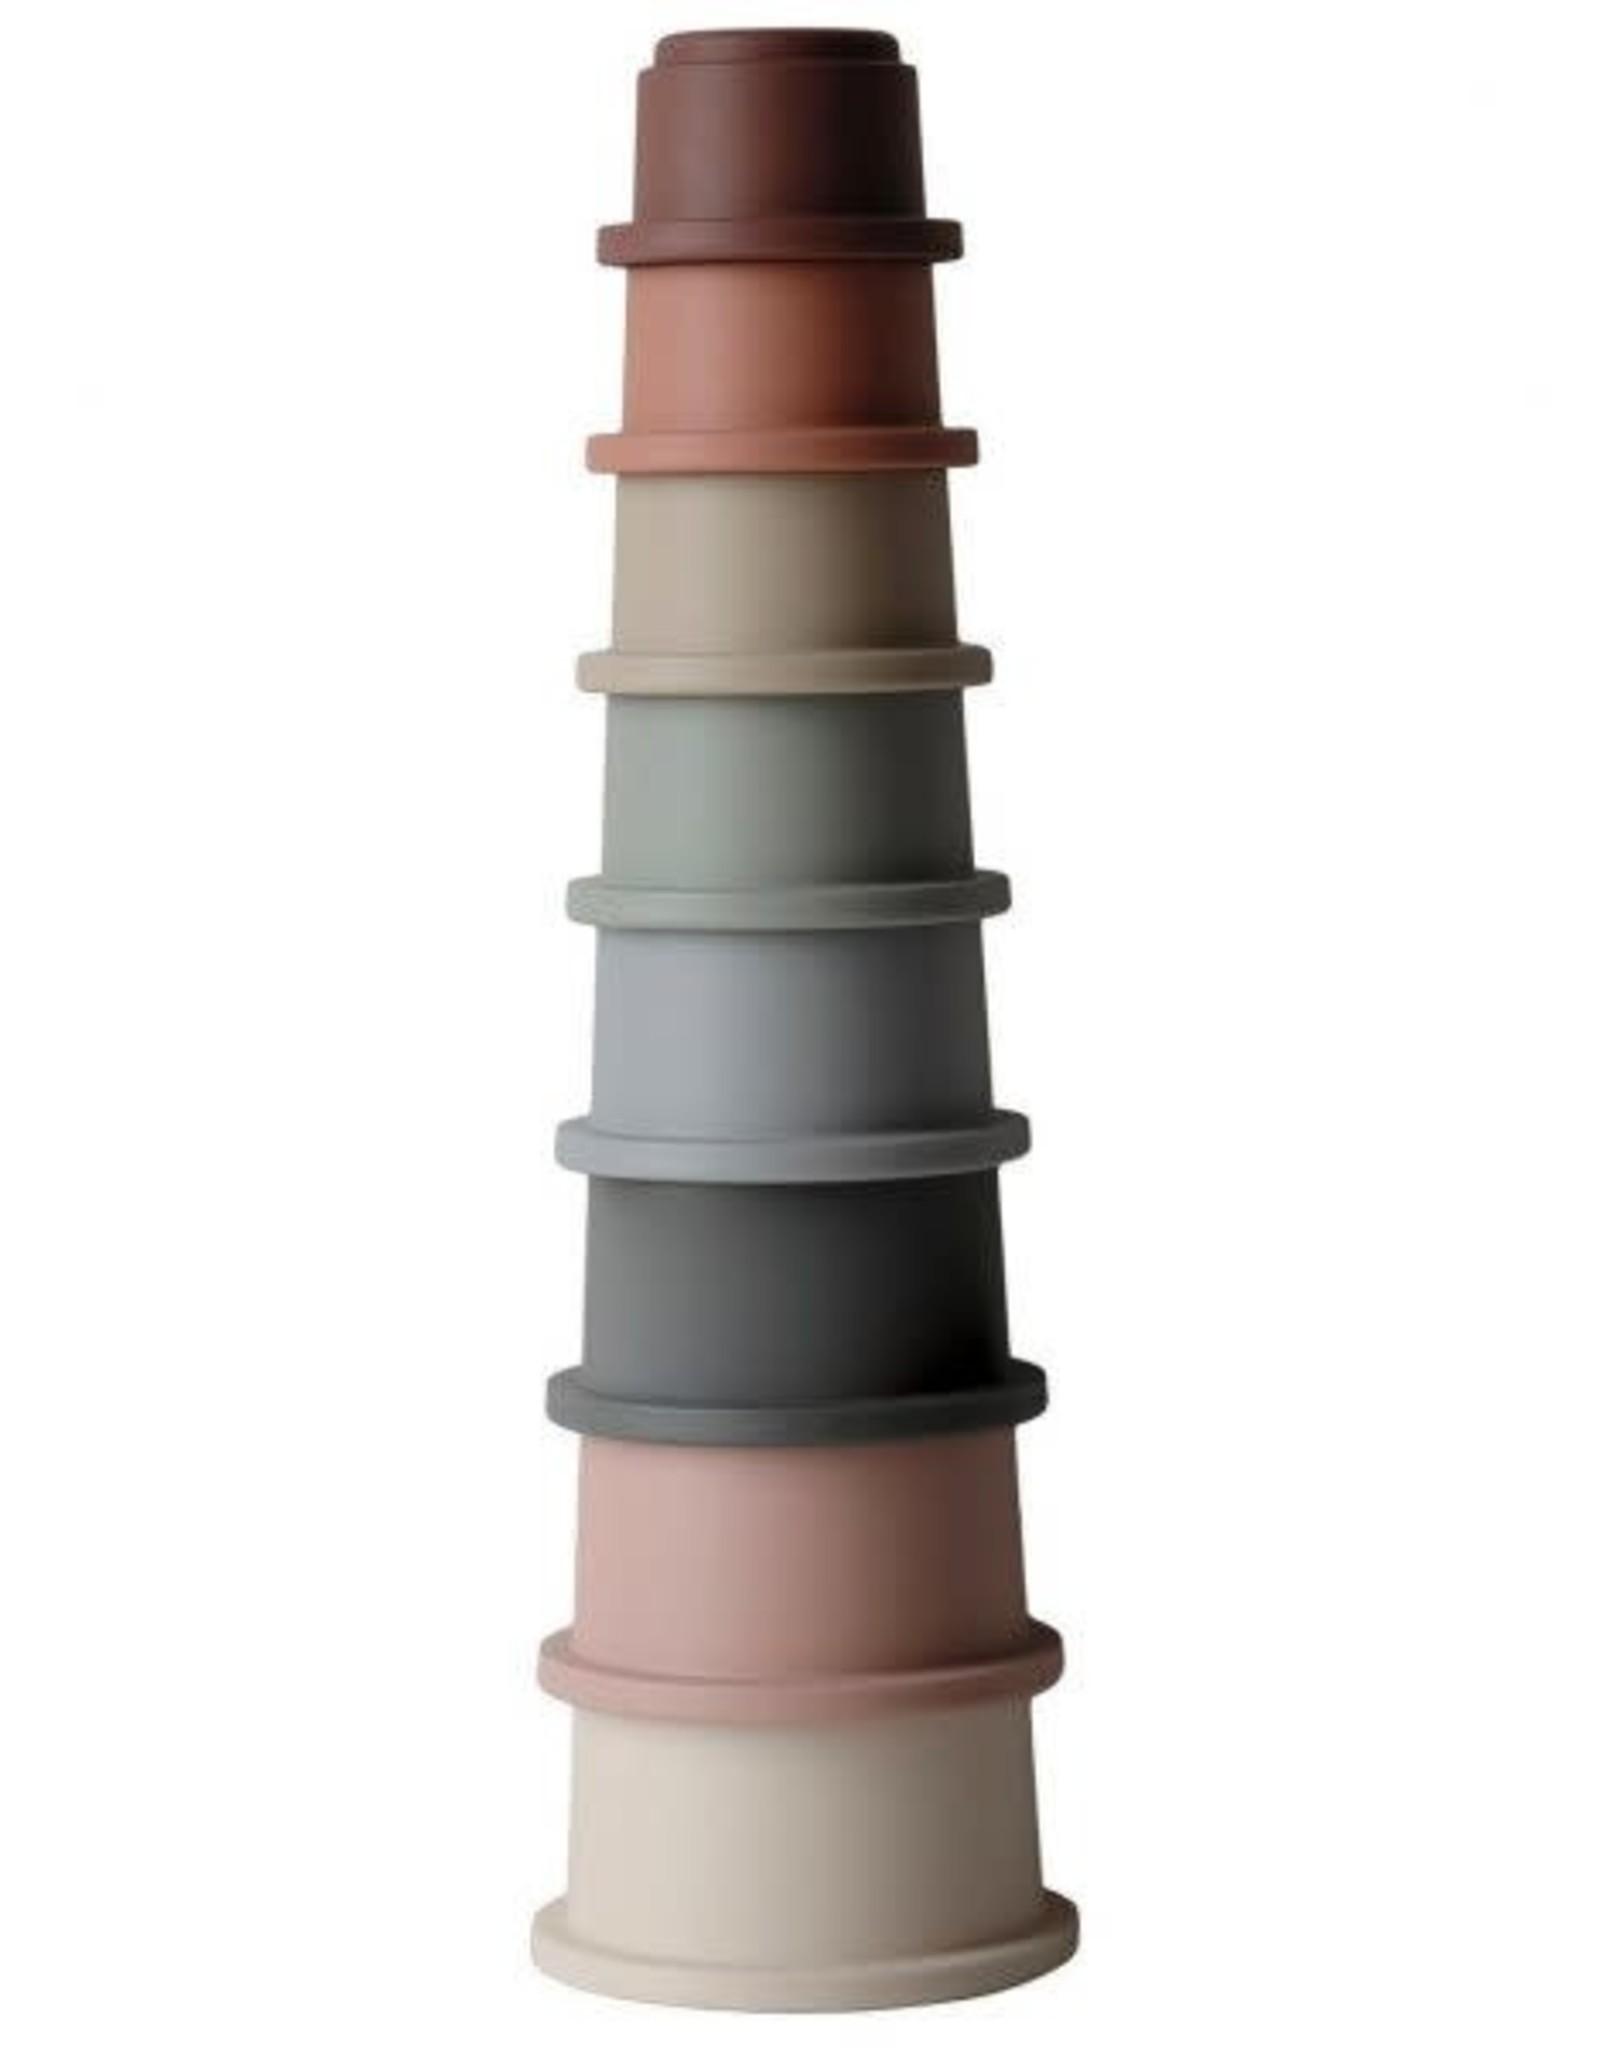 Mushie stacking cups- original